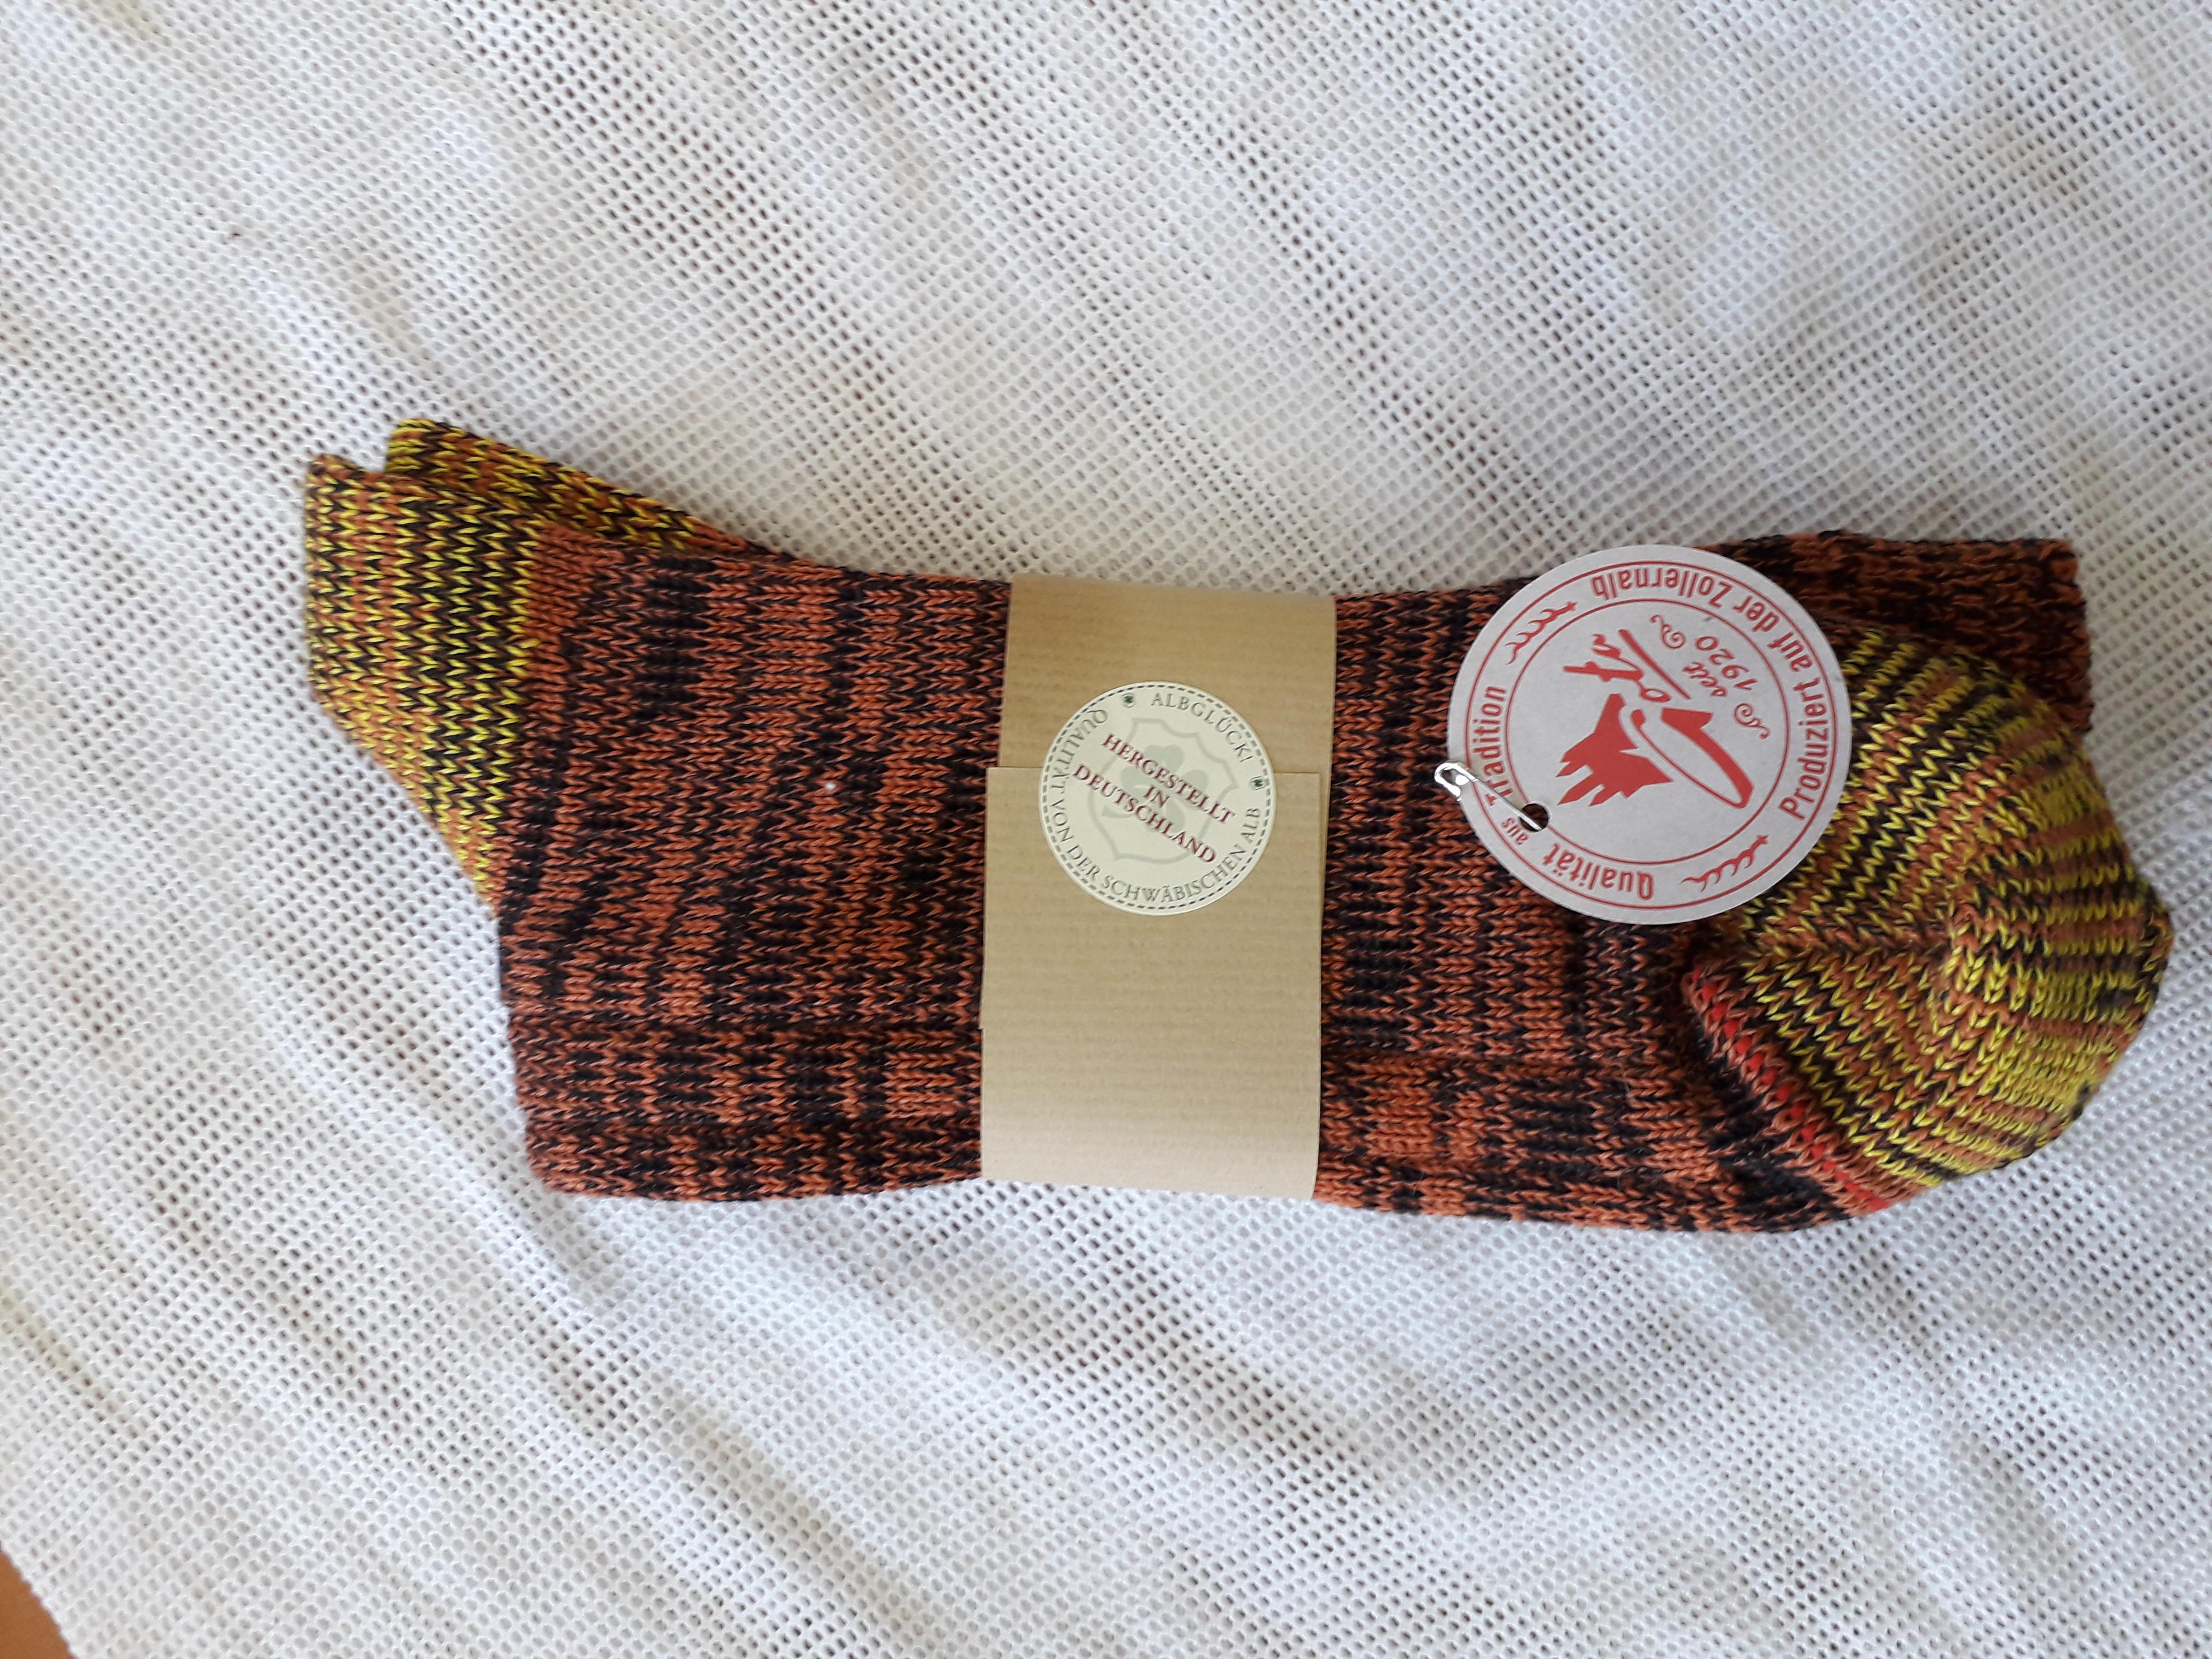 Socken aus 100% Wolle